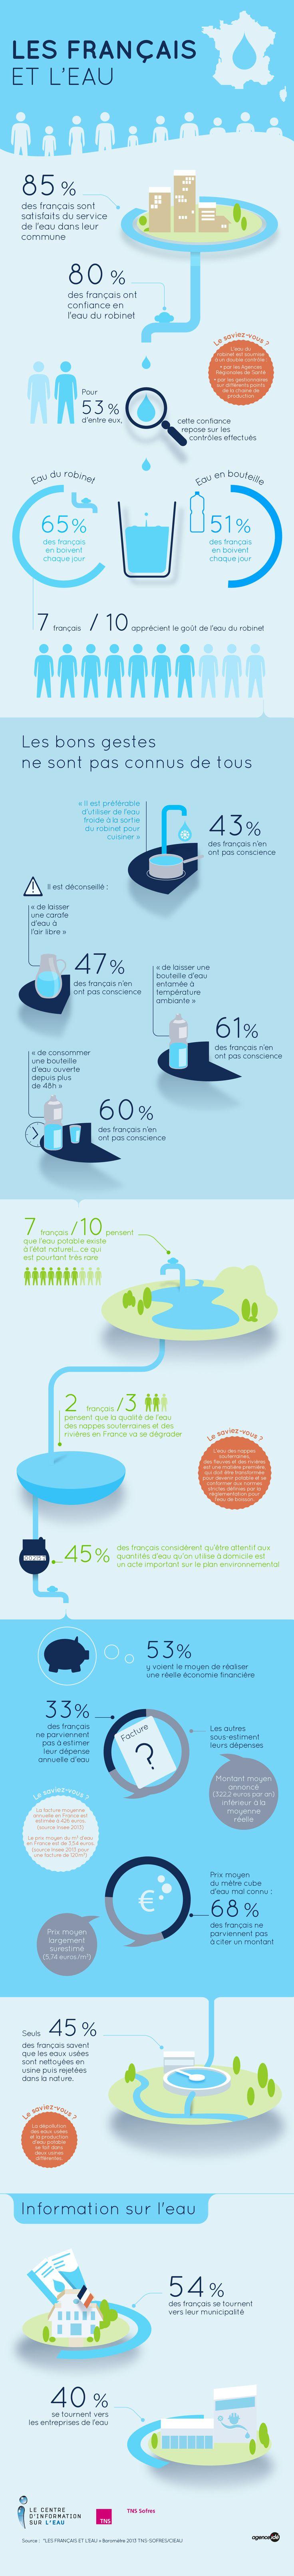 Les français et l'eau - totem et modules réseaux sociaux - Centre d'information de l'eau